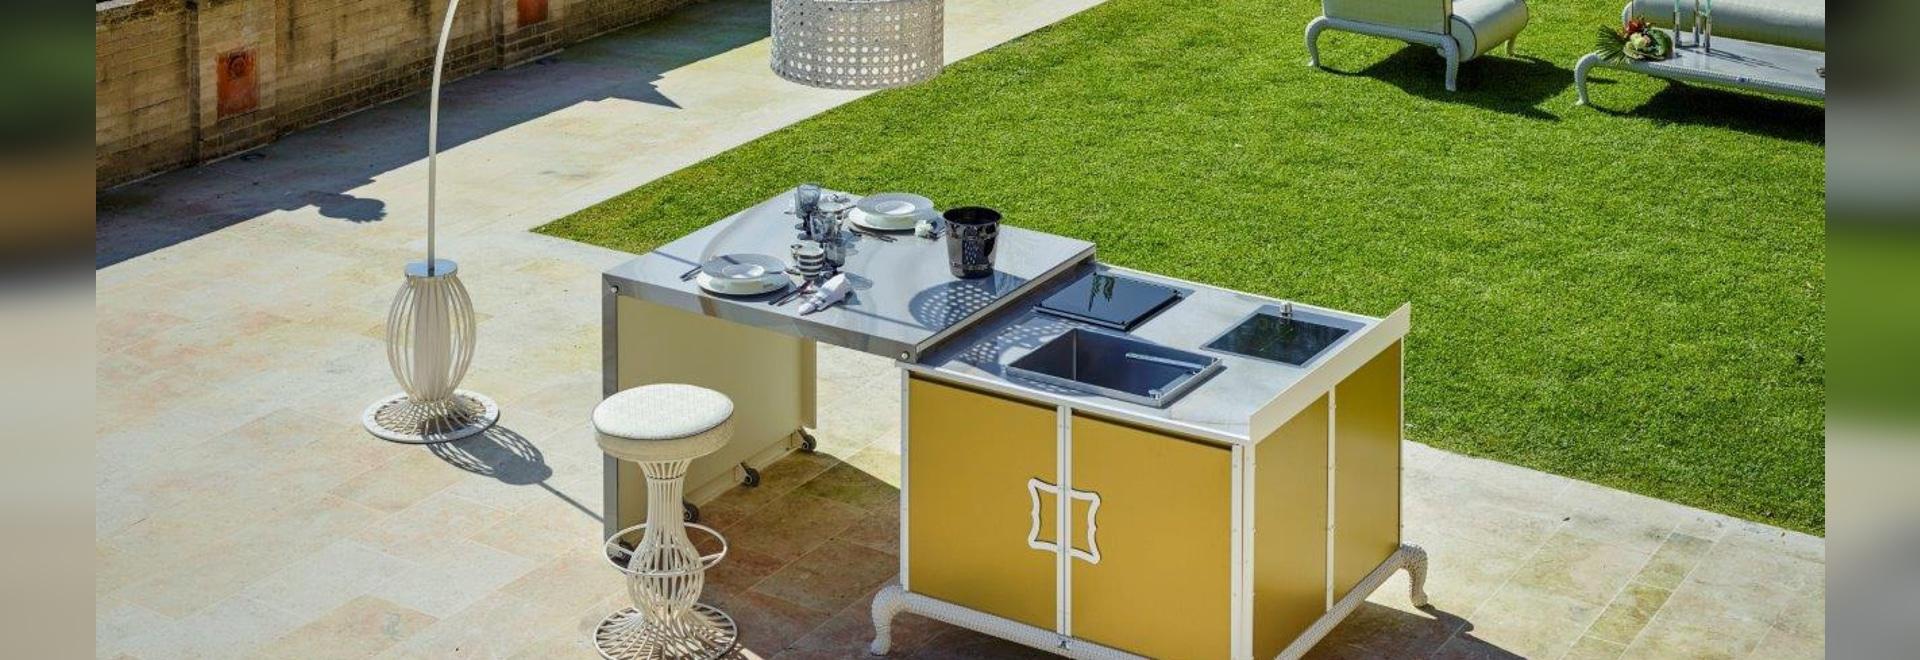 Contemporáneo Cocina Al Aire Libre Cresta - Ideas de Decoración de ...